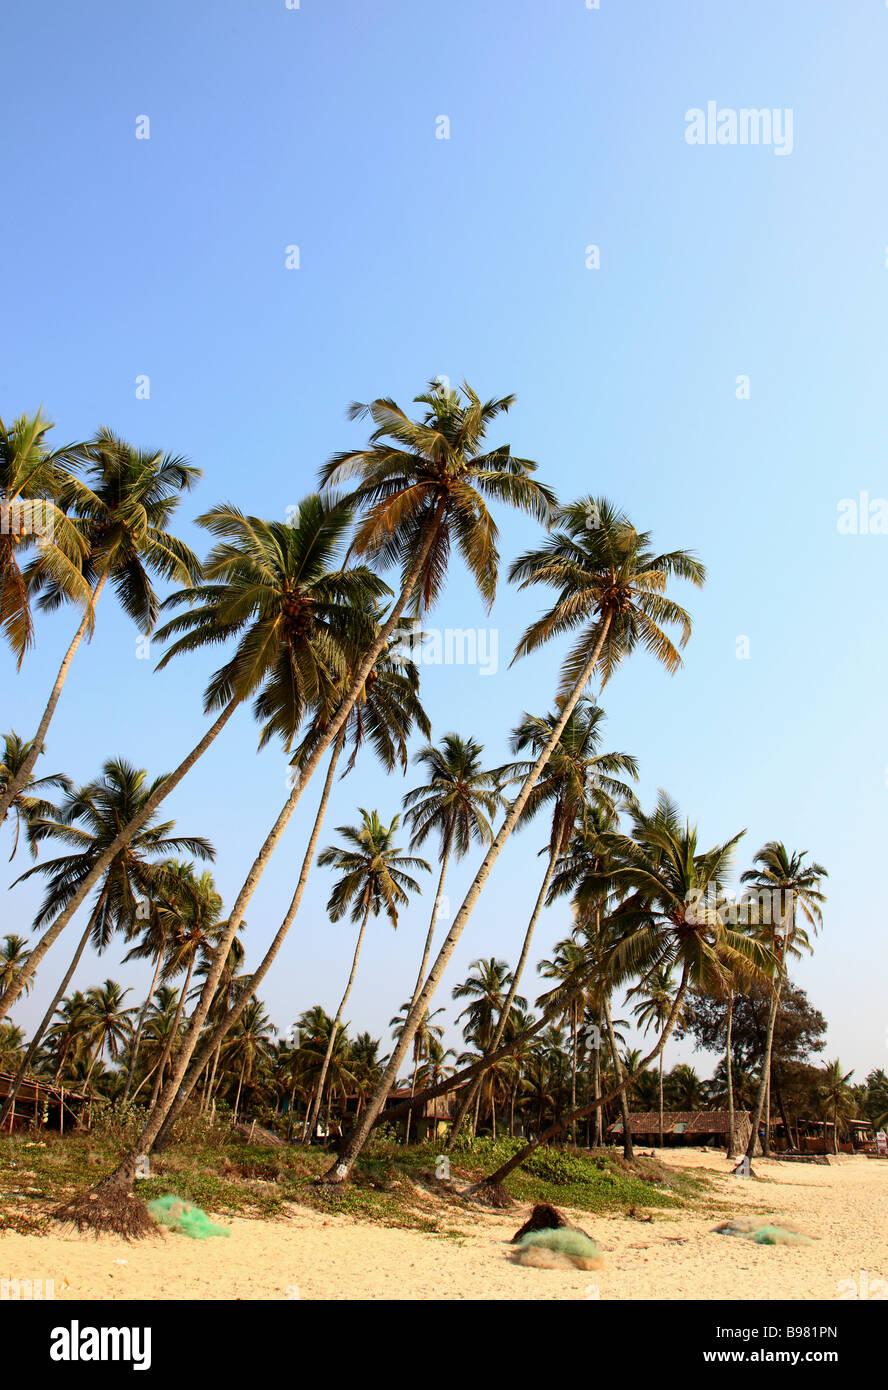 India Goa Colva beach coconut palm grove landscape - Stock Image